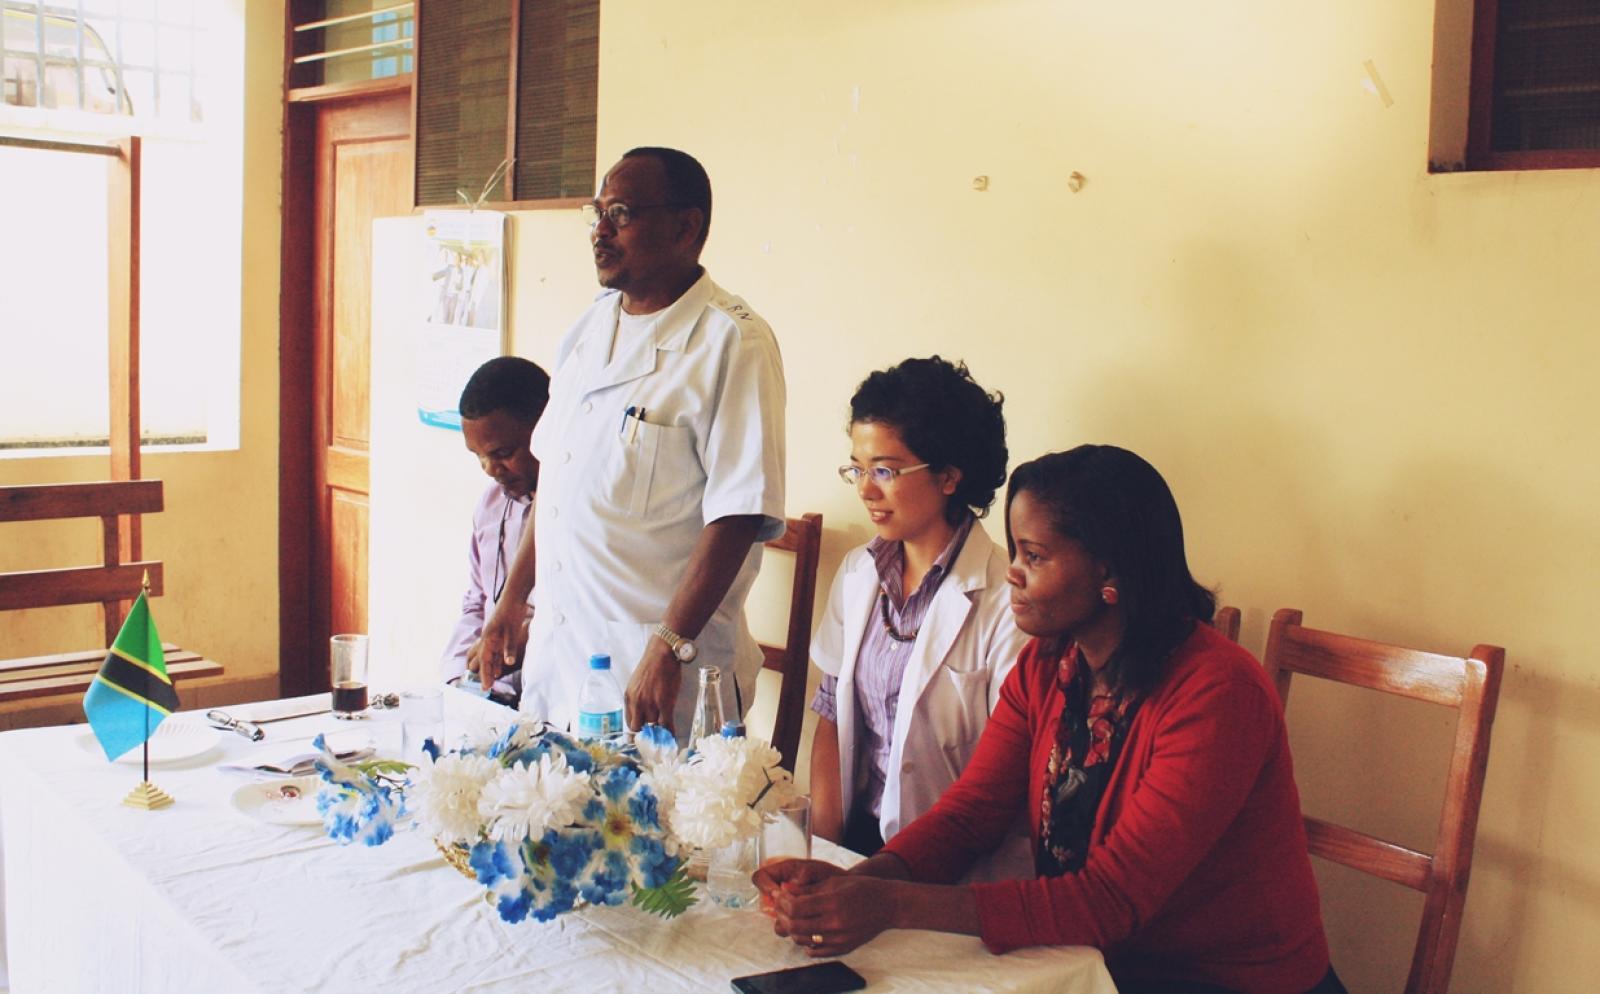 タンザニアで医療インターン中の西舘野阿さん